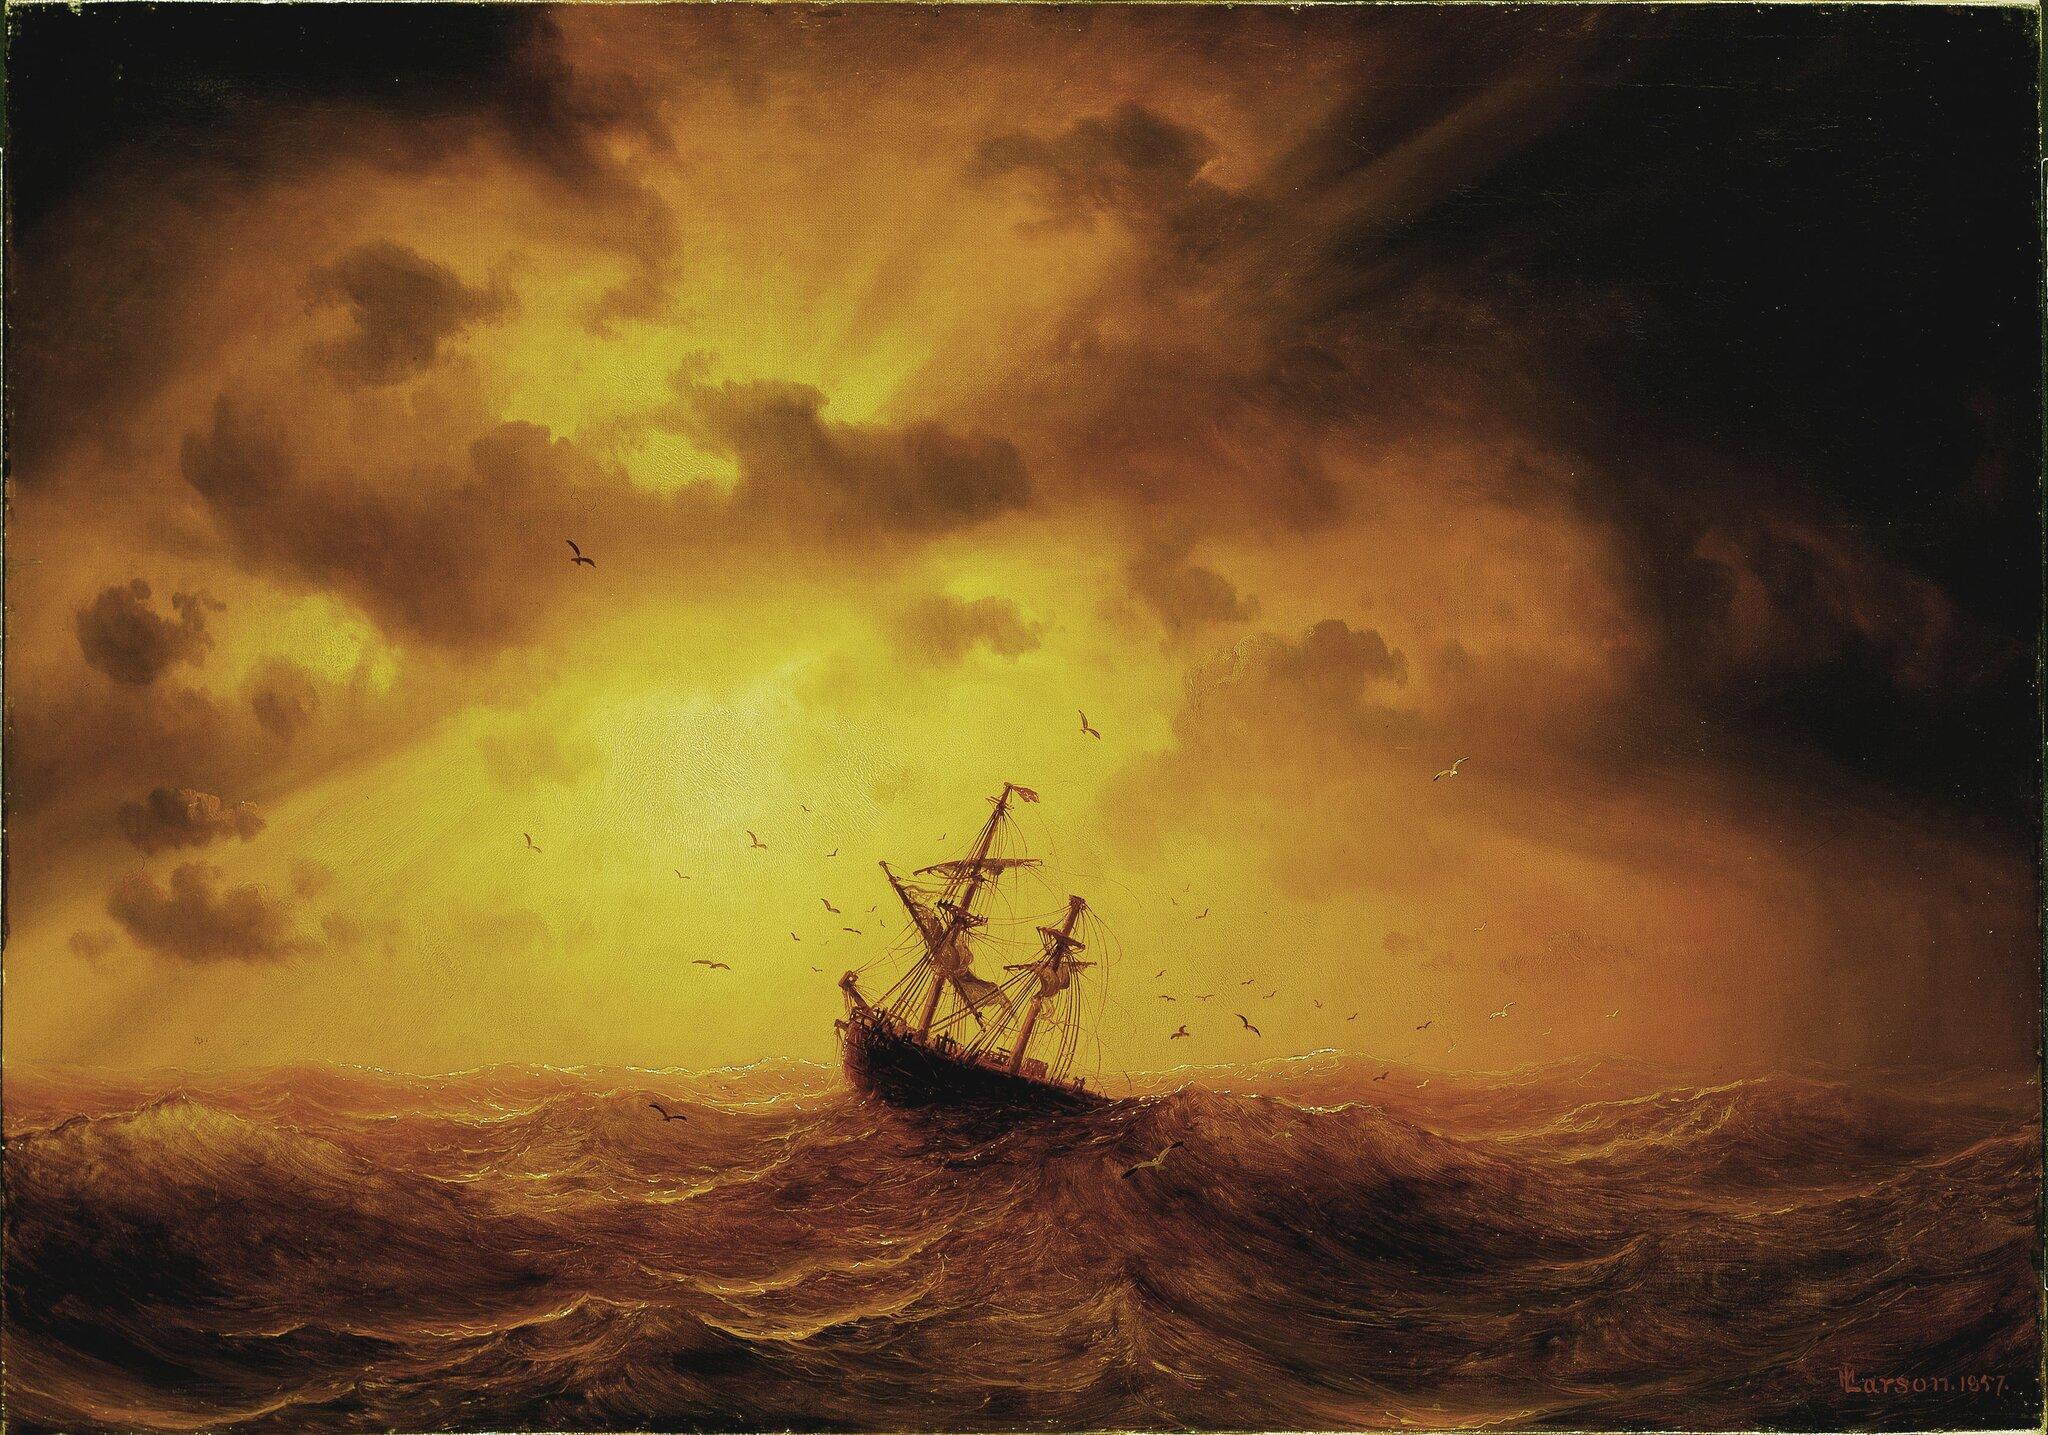 Burza na morzu Źródło: Marcus Larson, Burza na morzu, 1857, domena publiczna.